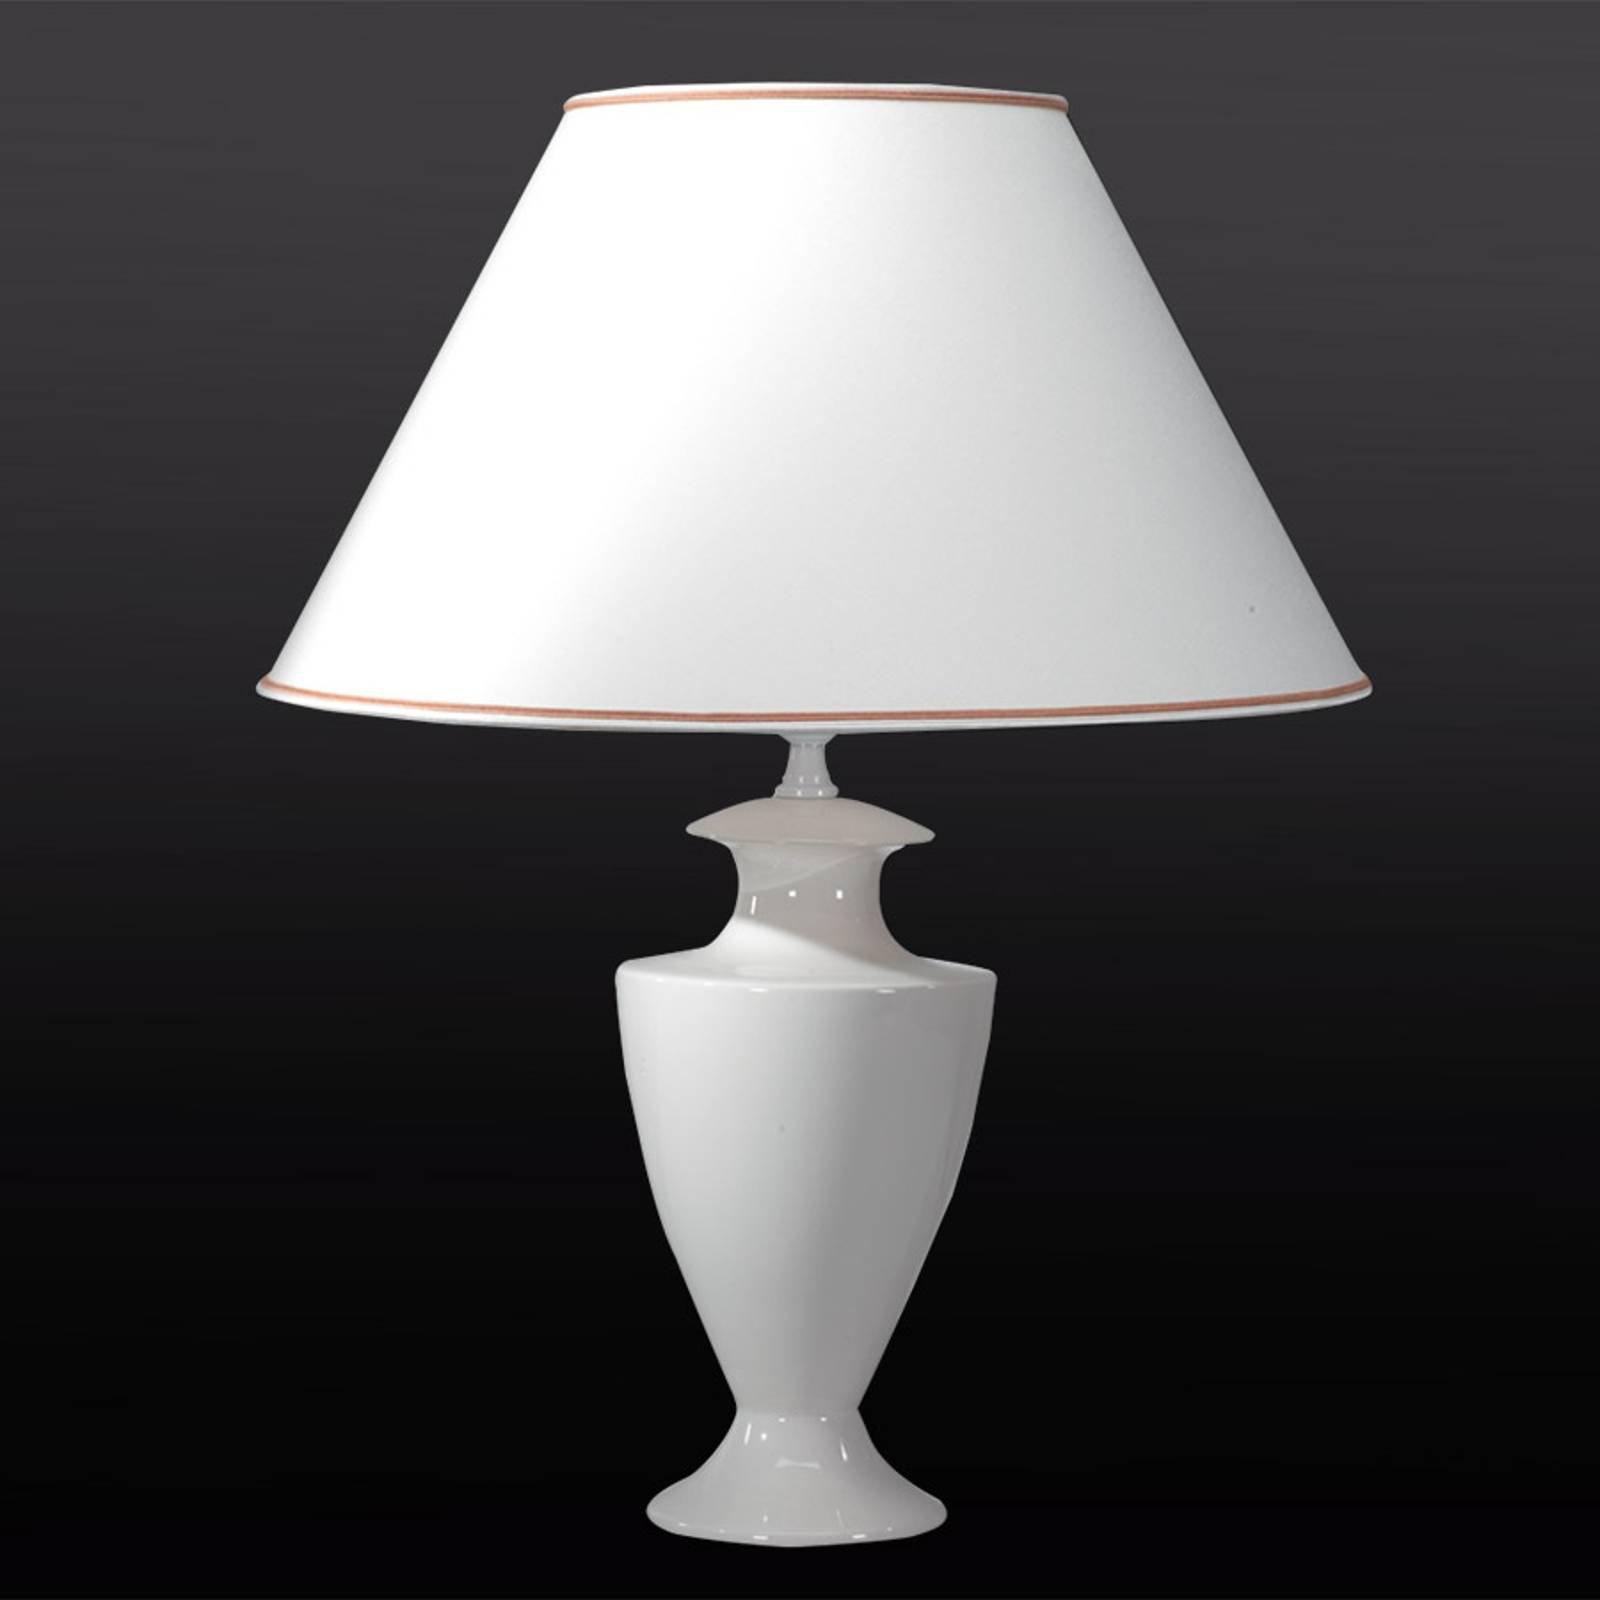 Stor bordlampe Ada Craquelet, 70 cm